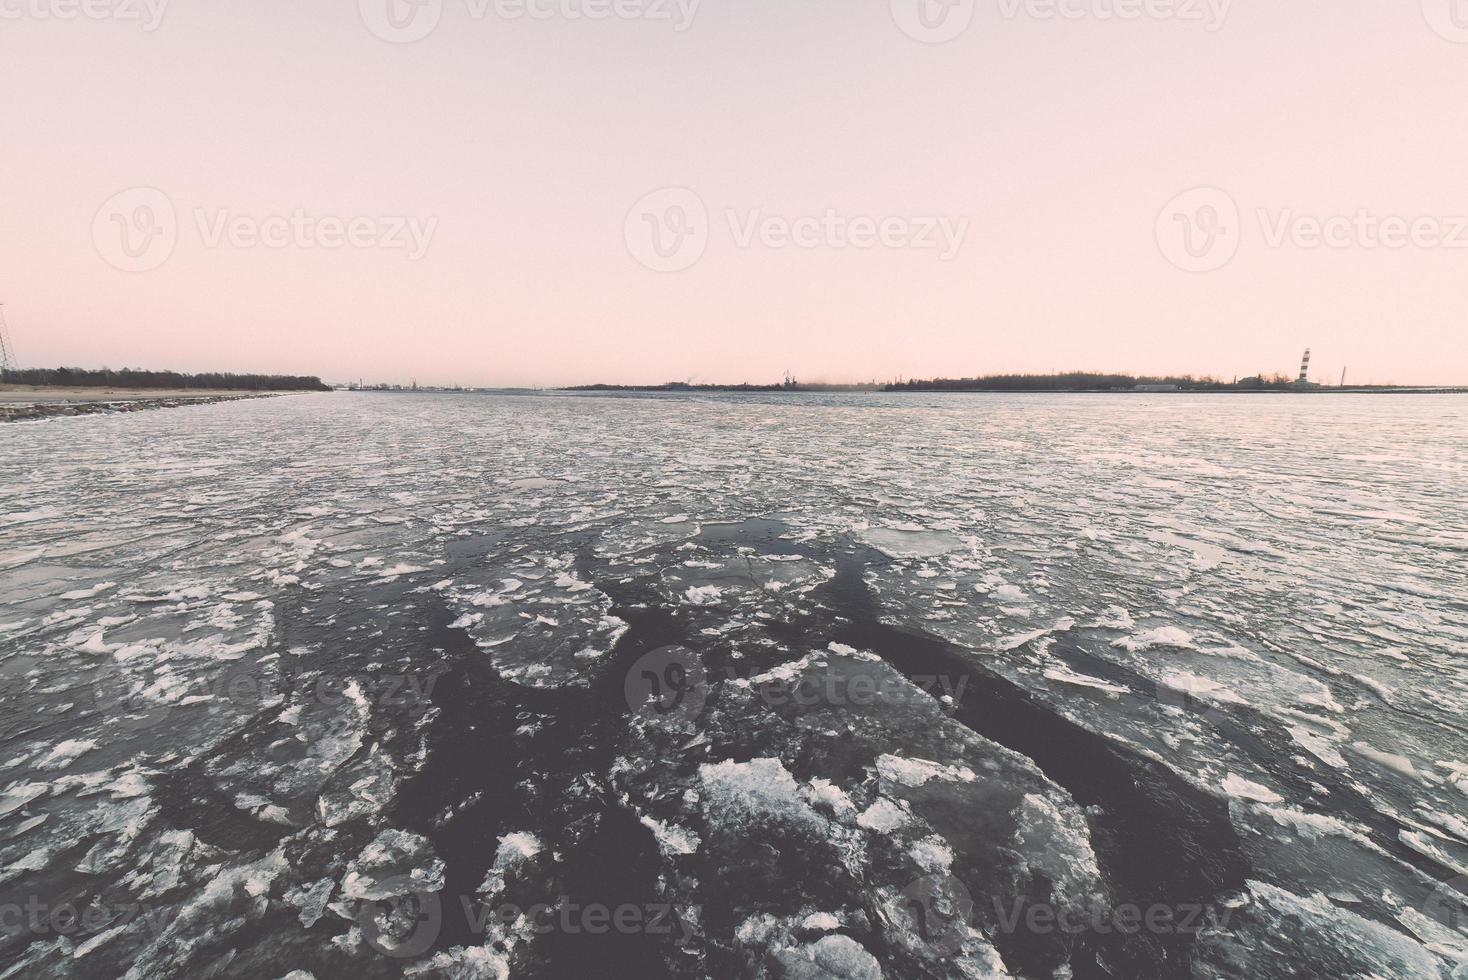 coucher de soleil sur la mer gelée - effet rétro vintage photo